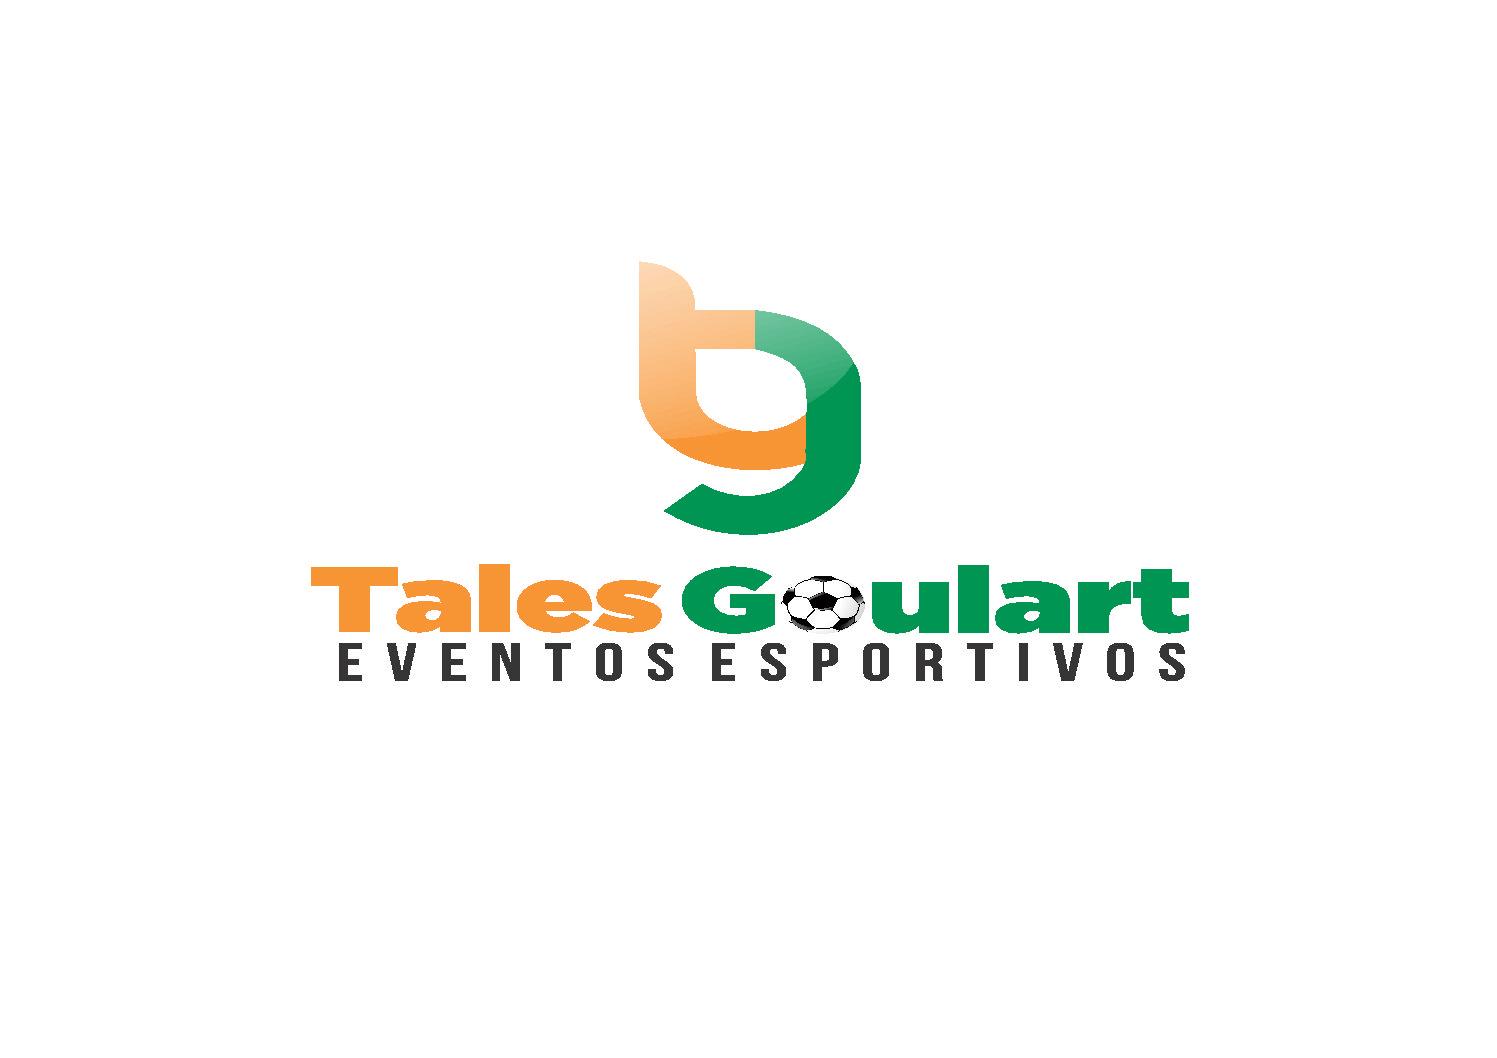 FARDAMENTO PARA EQUIPE DE ÁRBITROS TALES GOULART EVENTOS ESPORTIVOS.